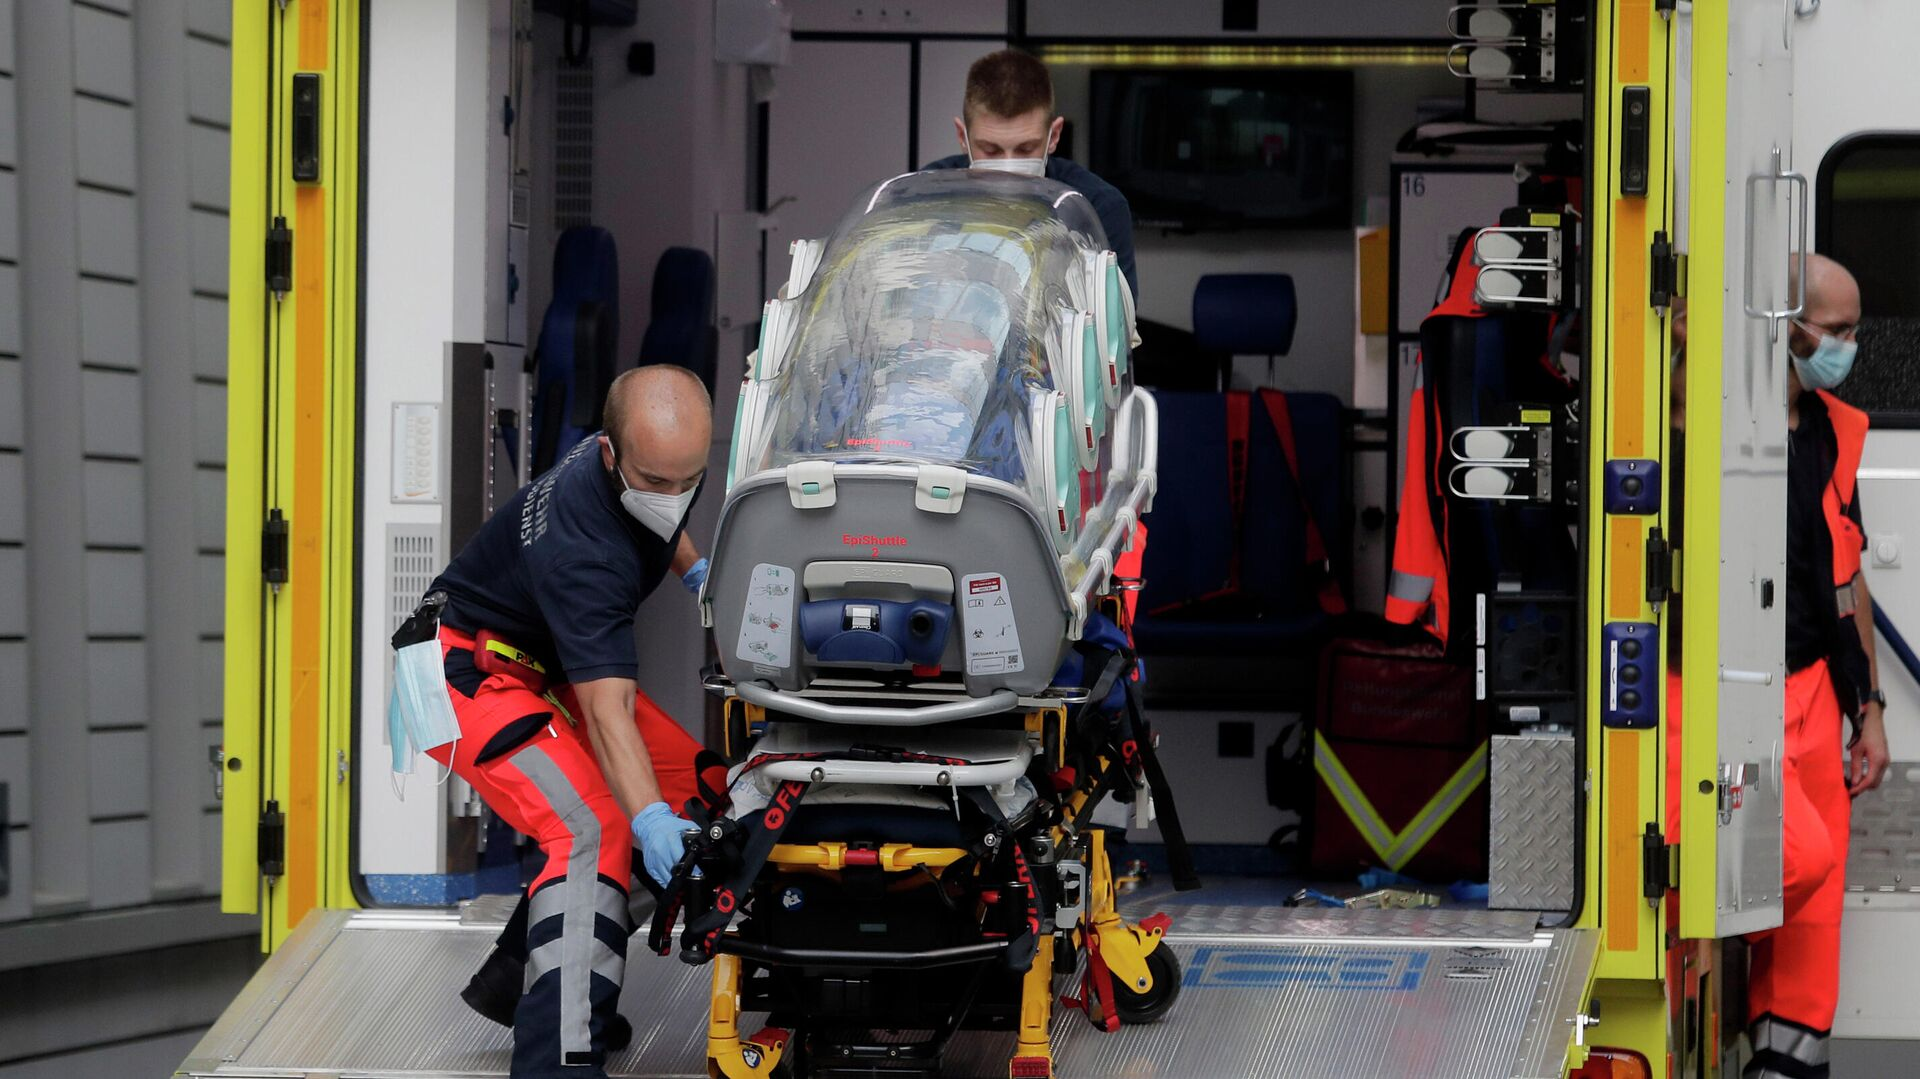 Экипаж скорой помощи, на котором предположительно был доставлен в клинику Шарите в Берлине Алексей Навальный - РИА Новости, 1920, 02.03.2021